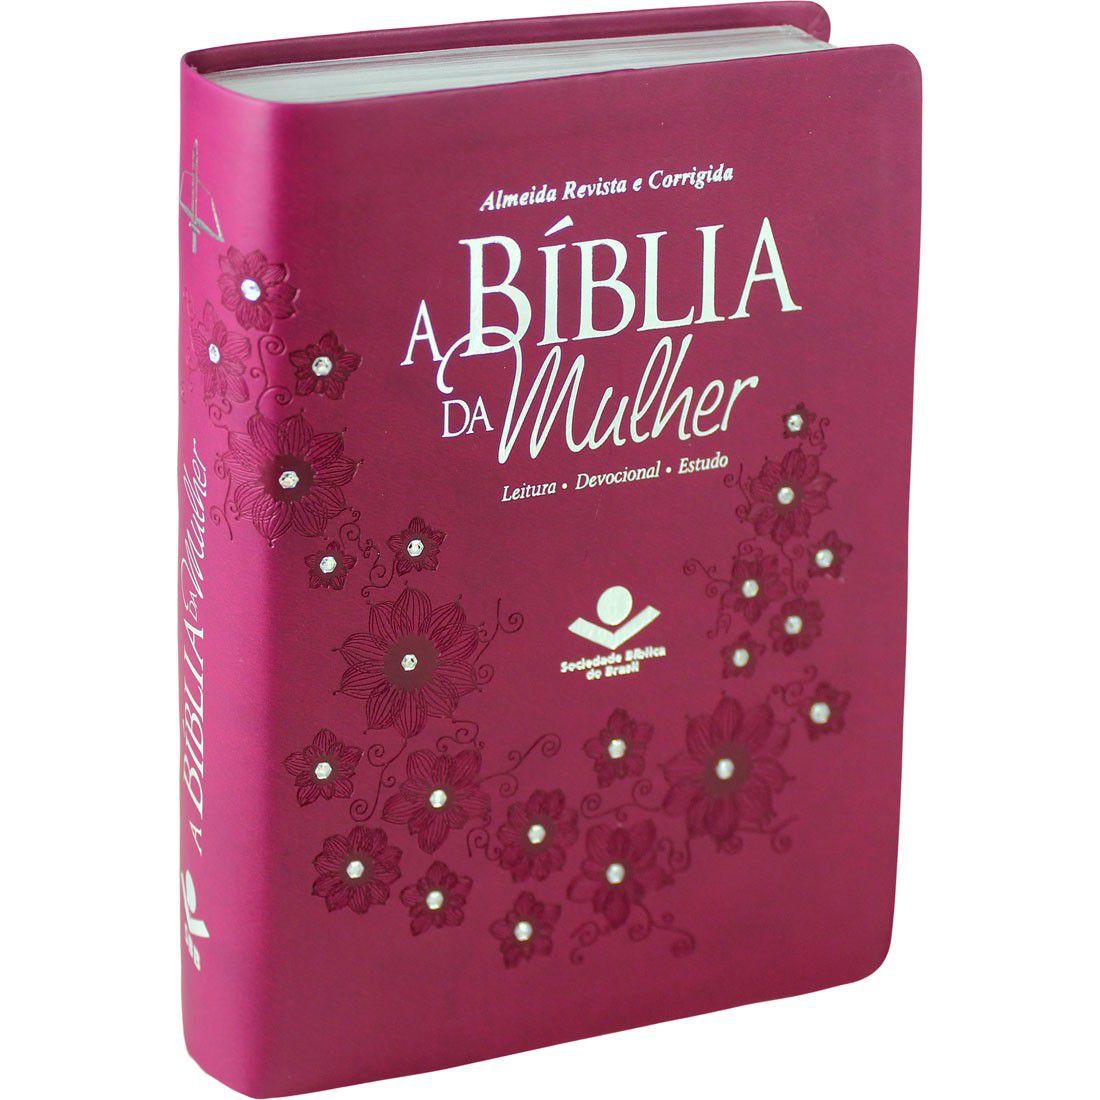 Bíblia da Mulher RC SBB (Vinho)  - Livraria Betel